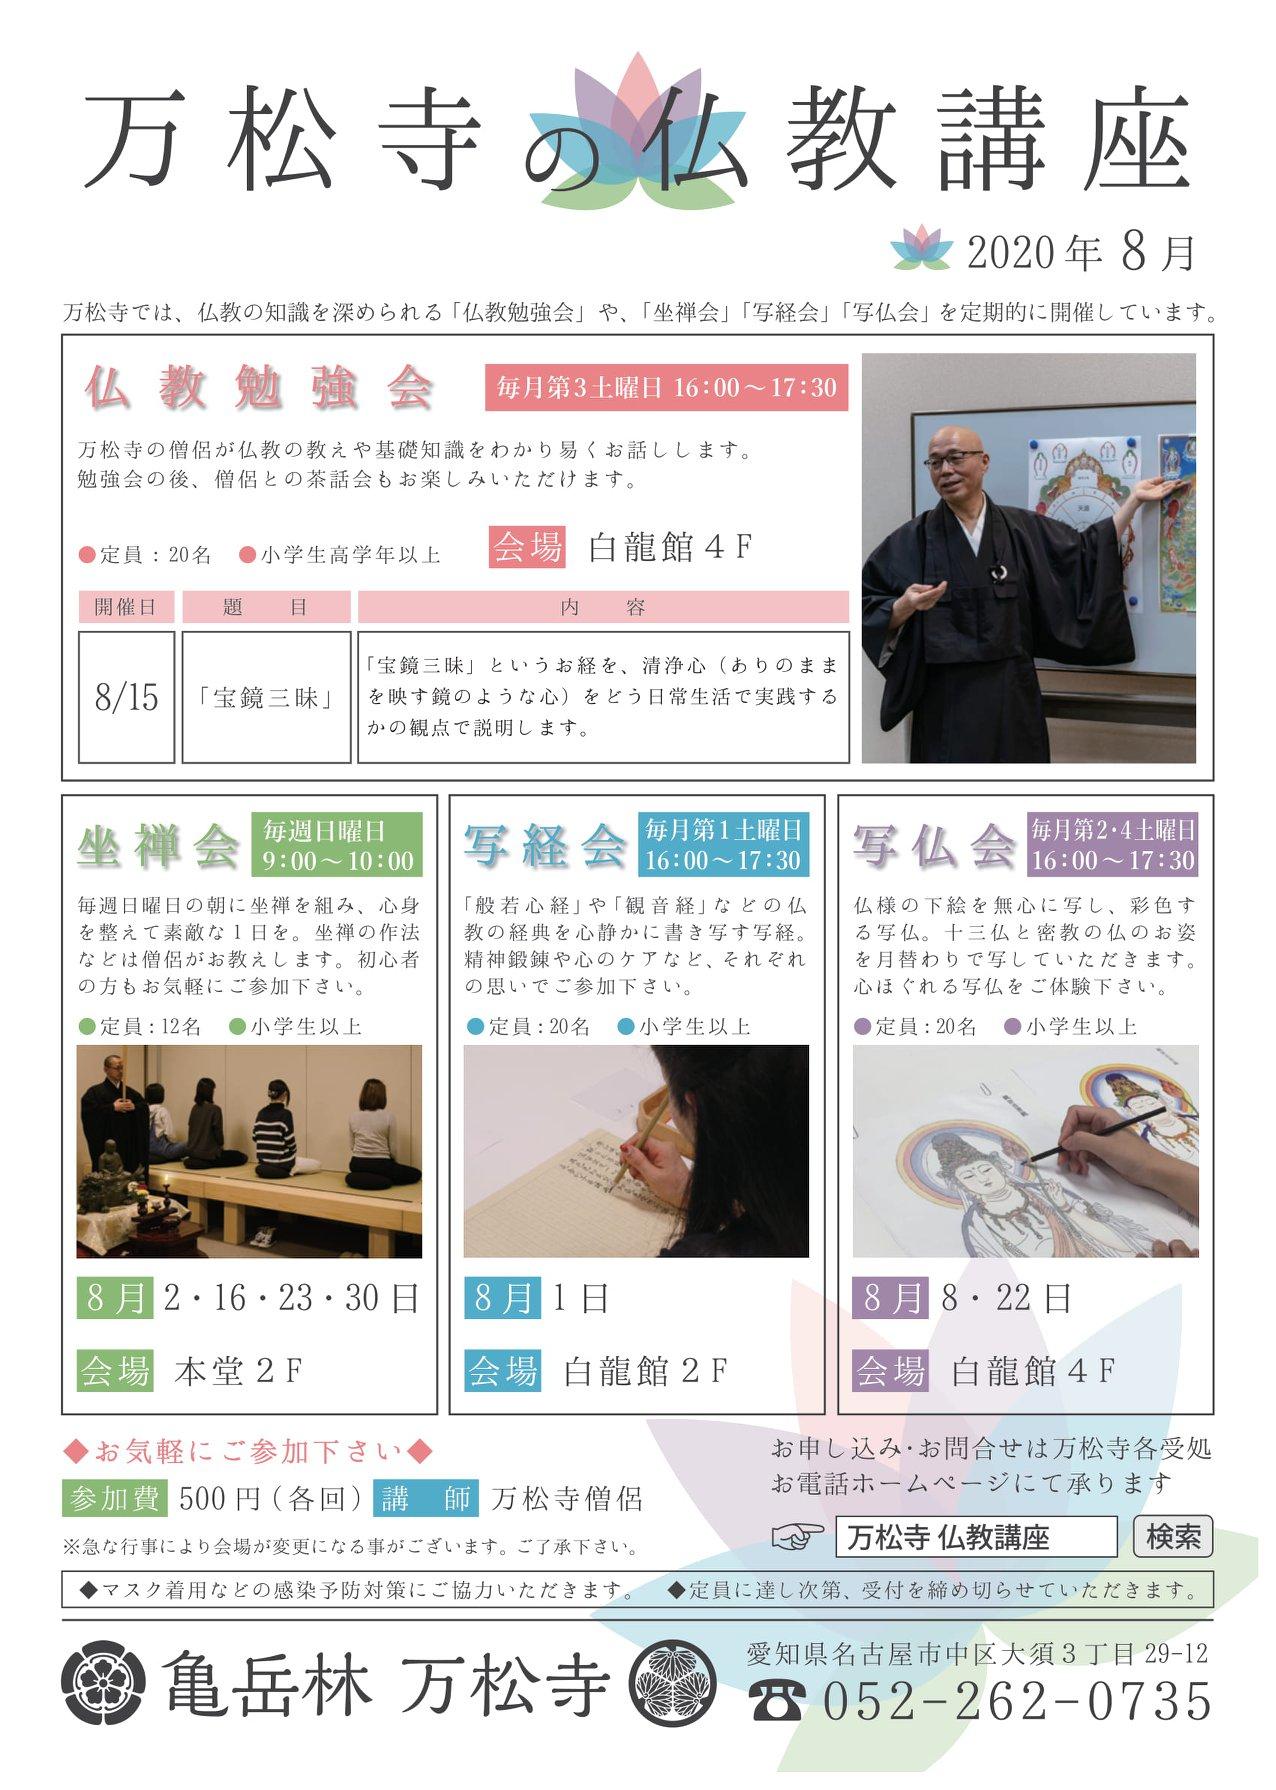 万松寺の仏教講座 2020年8月